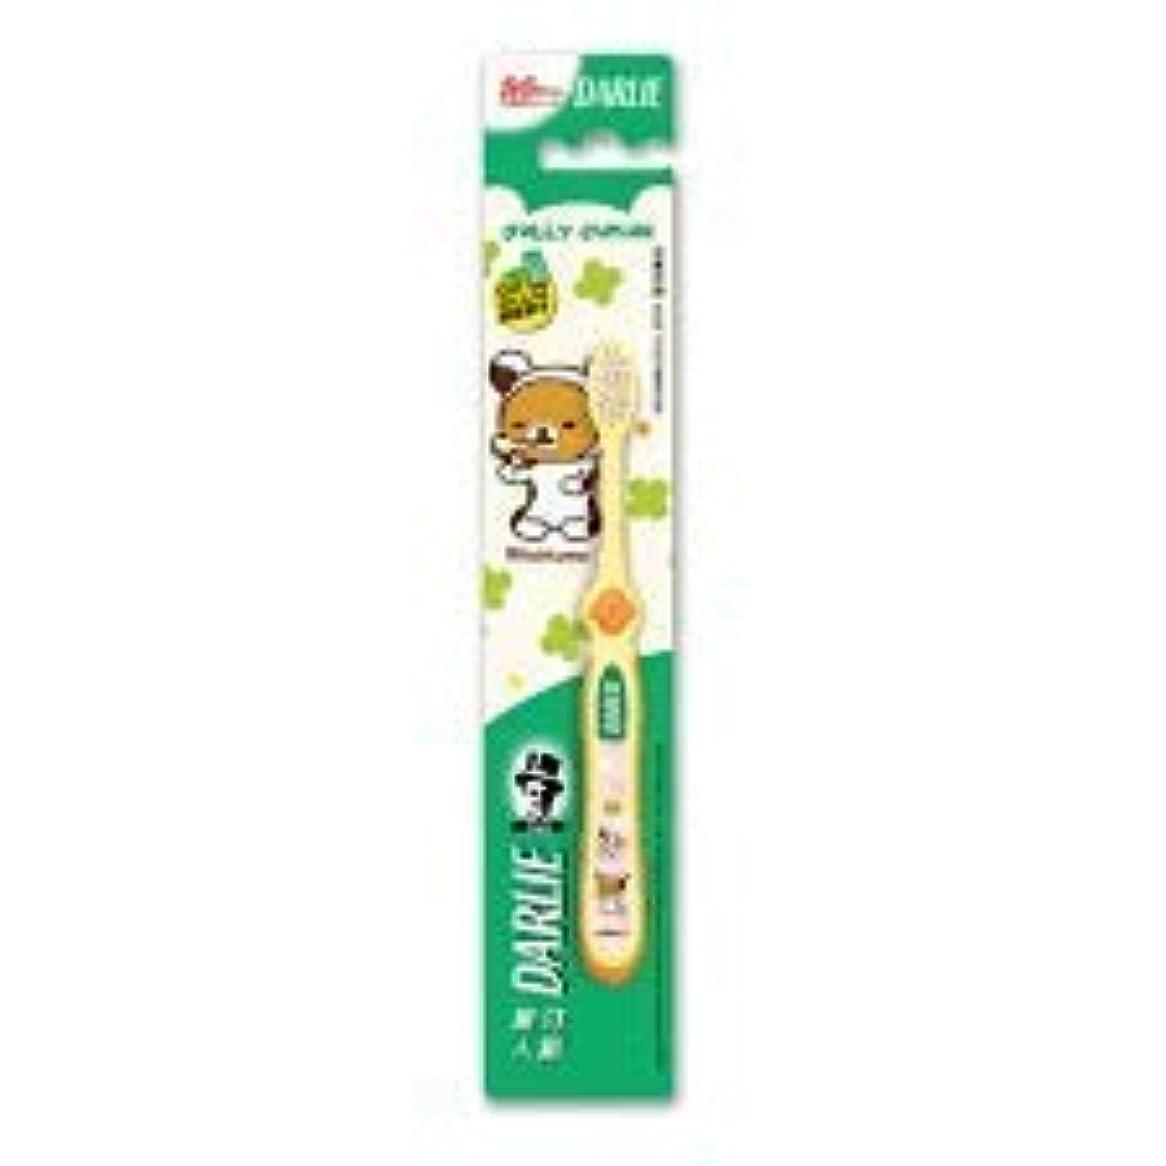 フォルダ手つかずのビジネスDARLIE メリージュニア2-6歳歯ブラシ - ジェントル歯茎と歯のエナメル質は良好な洗浄を持っています